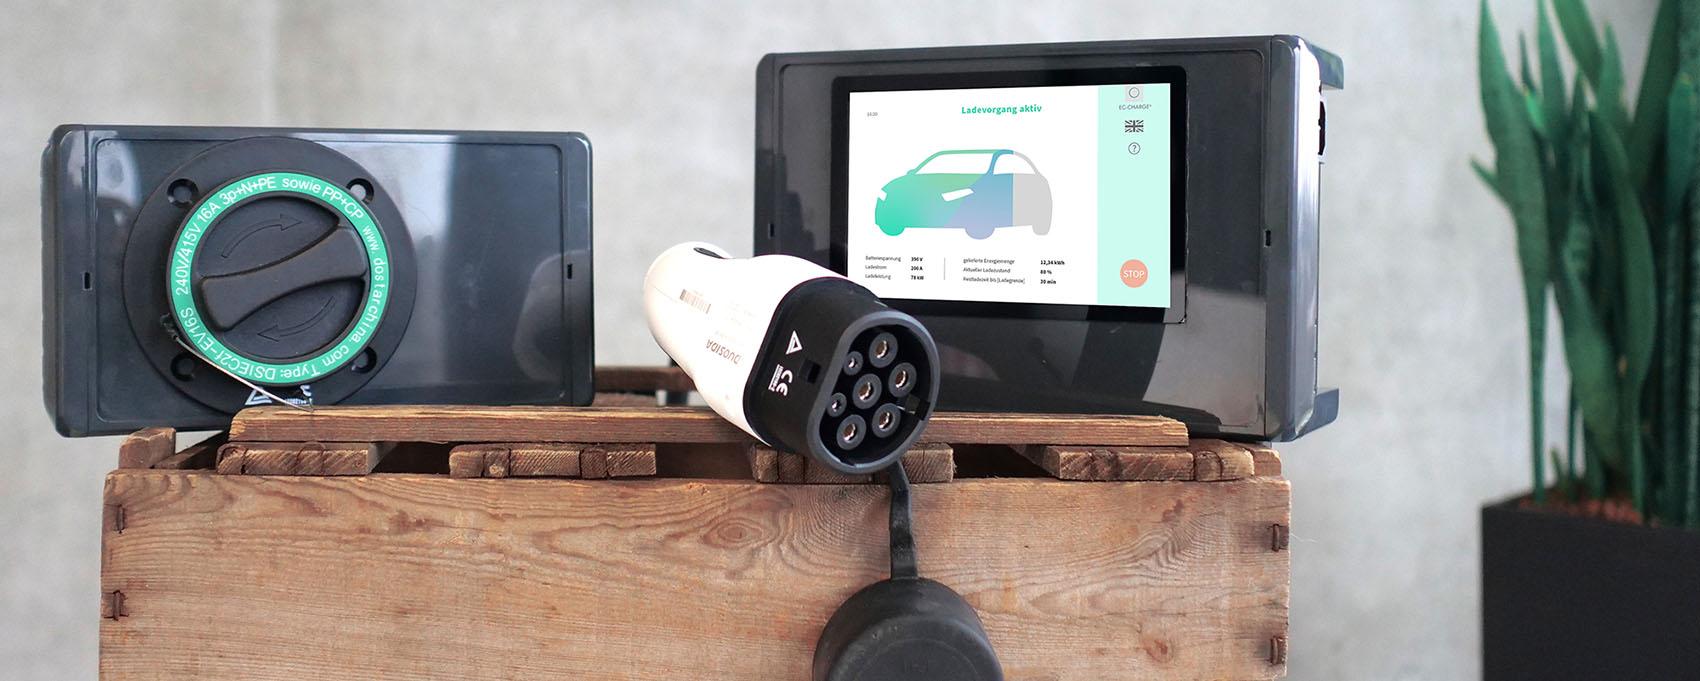 Eclipseina GmbH Produkt EC-CHARGE© - Steuerungsmodul für Ladesäulen